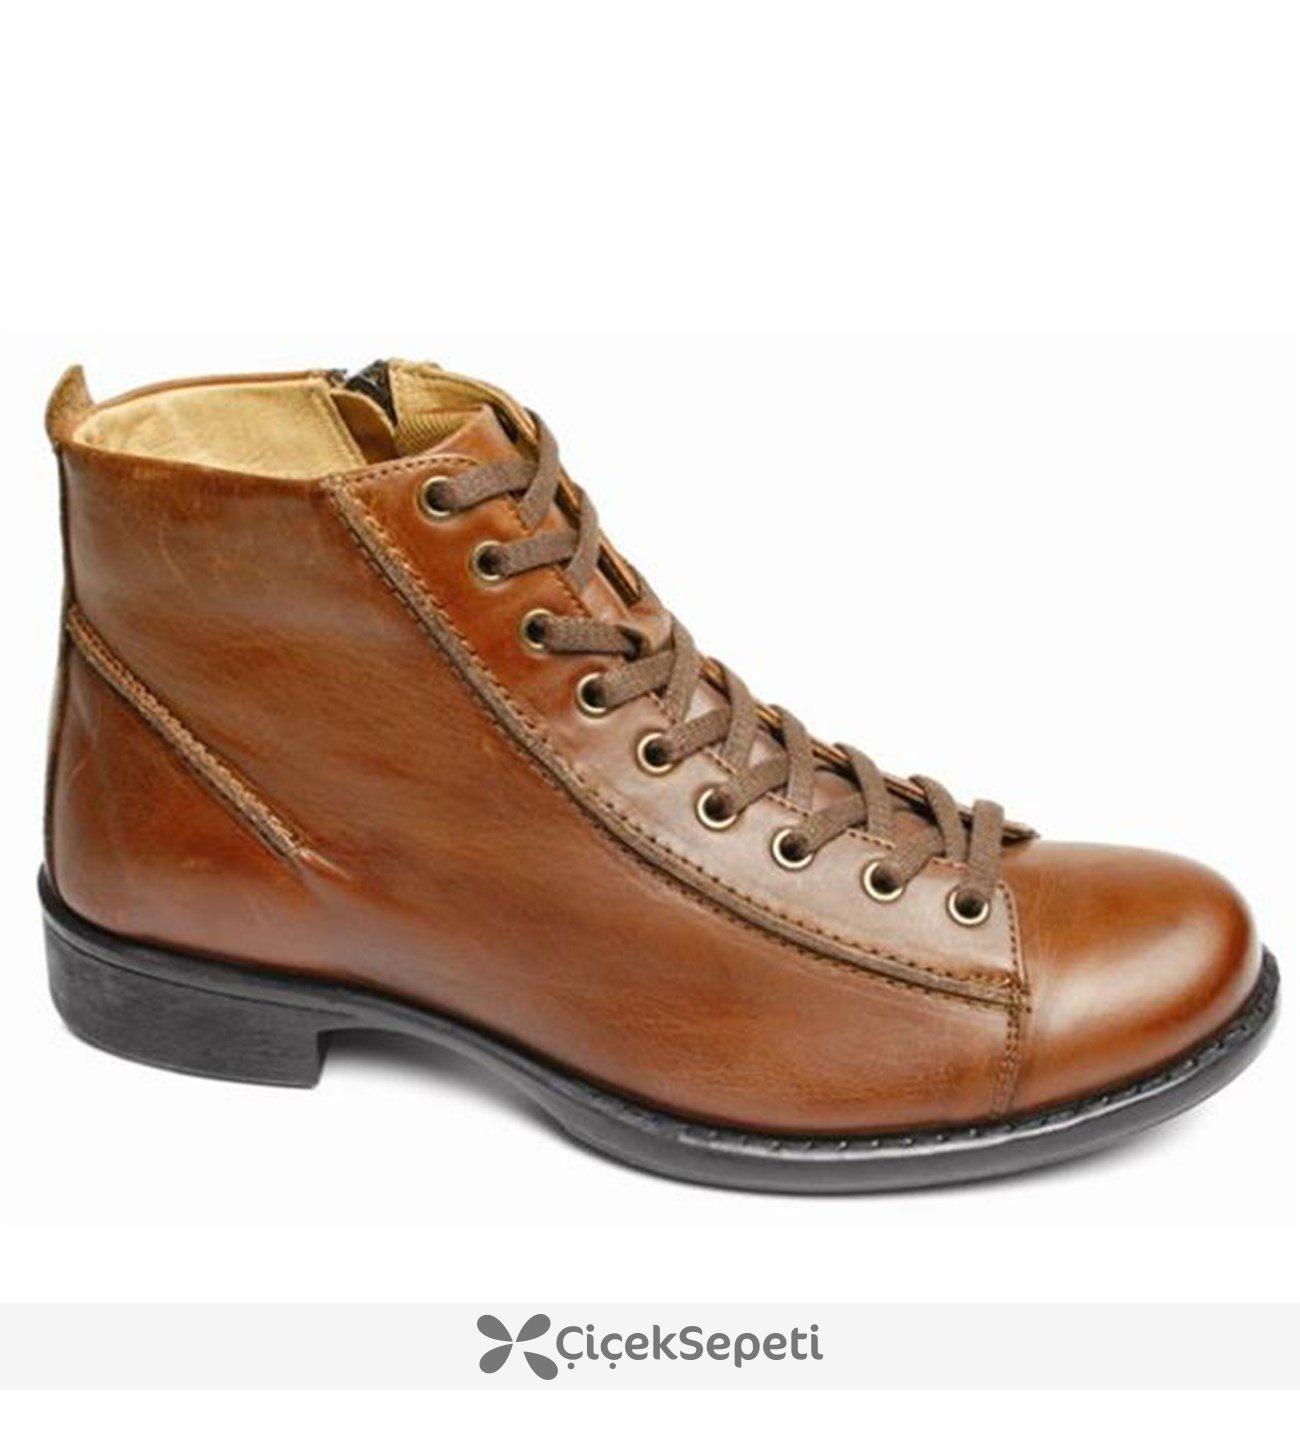 Scooter M580 GKK %100 Deri Bağcıklı Klasik Günlük Erkek Bot Ayakkabı